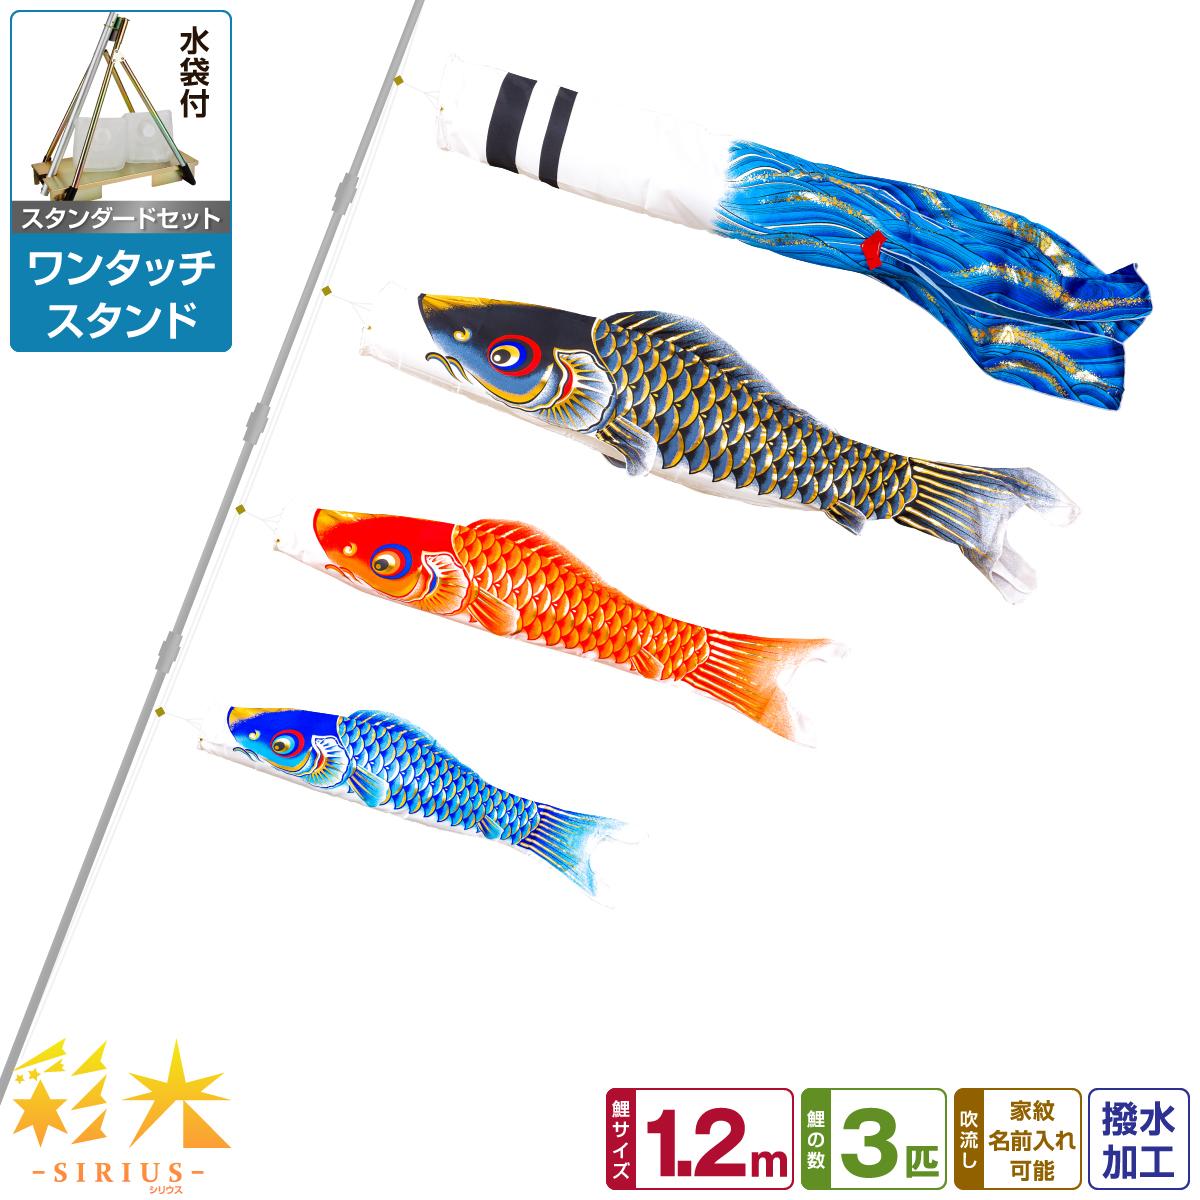 ベランダ用 こいのぼり 鯉のぼり SIRIUS/彩光鯉 1.2m 6点(吹流し+鯉3匹+矢車+ロープ)/スタンダードセット(ワンタッチスタンド)